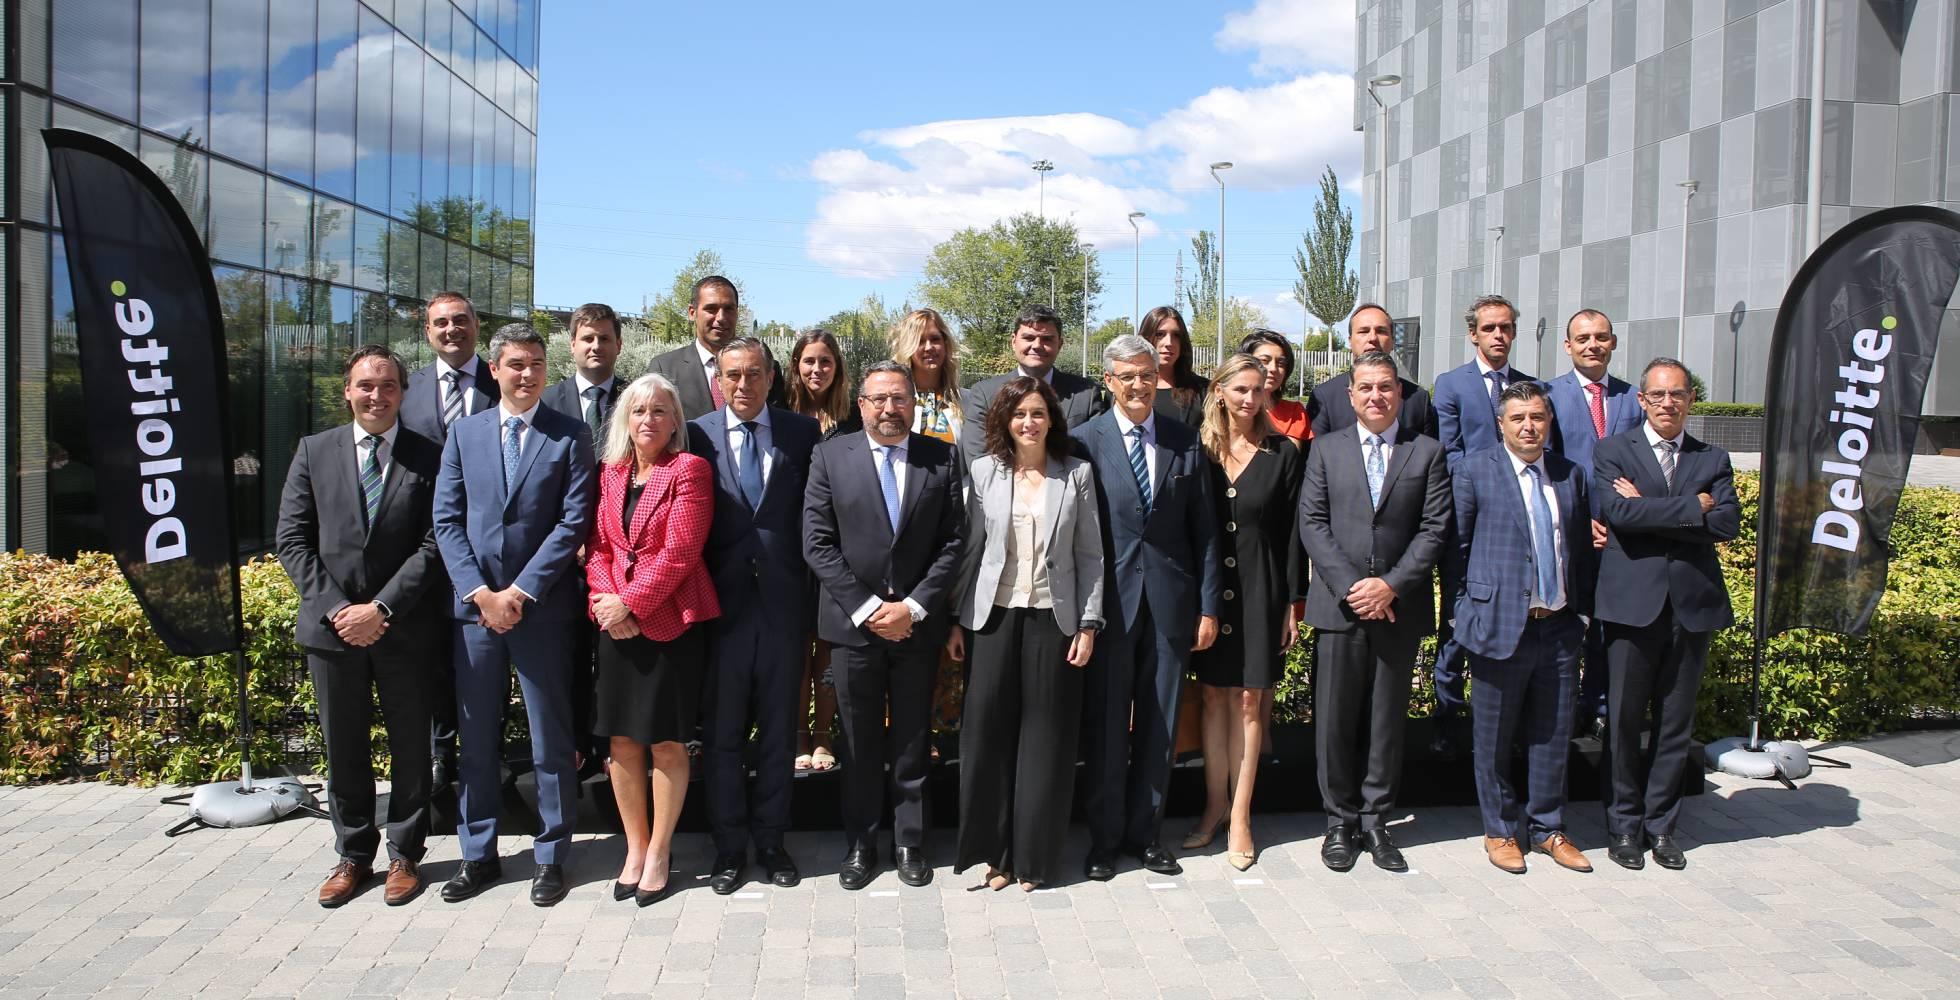 La presidenta de la Comunidad de Madrid, Isabel Díaz Ayuso, junto a Alfonso Mur, responsable de seguridad de Deloitte Madrid (izquierda), Fernando Ruiz, presidente de la empresa (derecha) y otros cargos de Deloitte y la Comunidad.